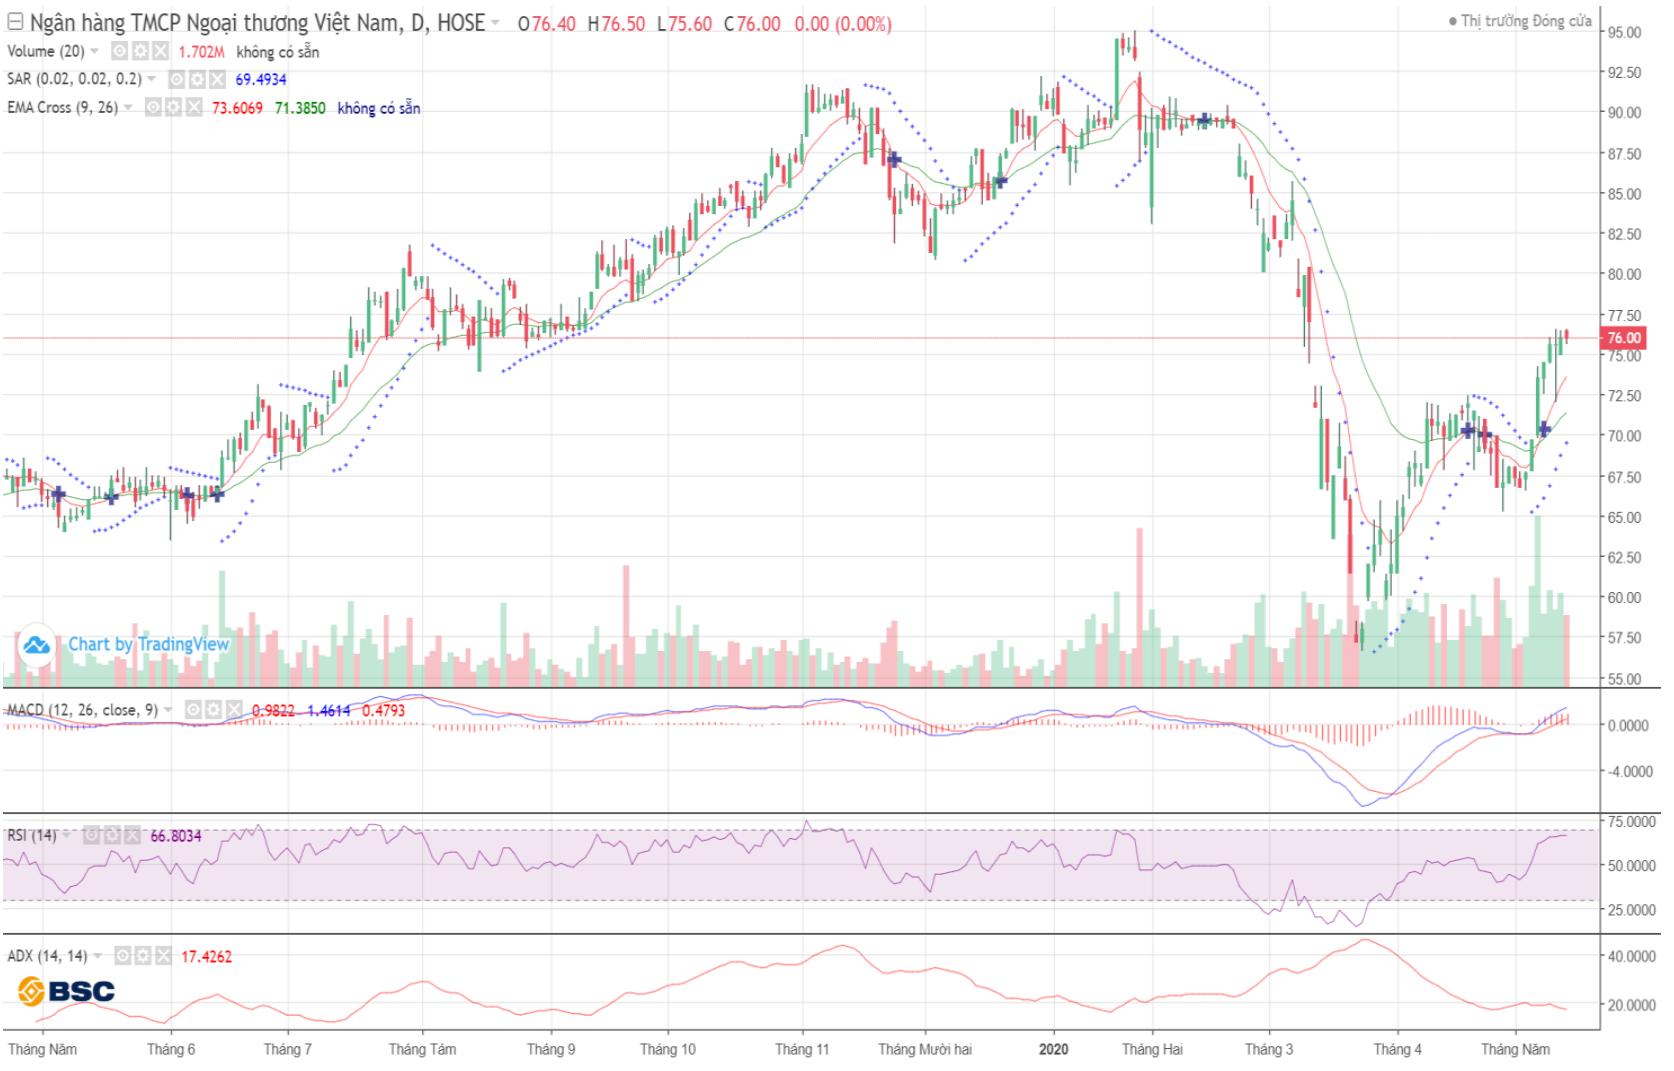 Cổ phiếu tâm điểm ngày 18/5: VCB, PVD, HDG, PLC, NTC - Ảnh 1.